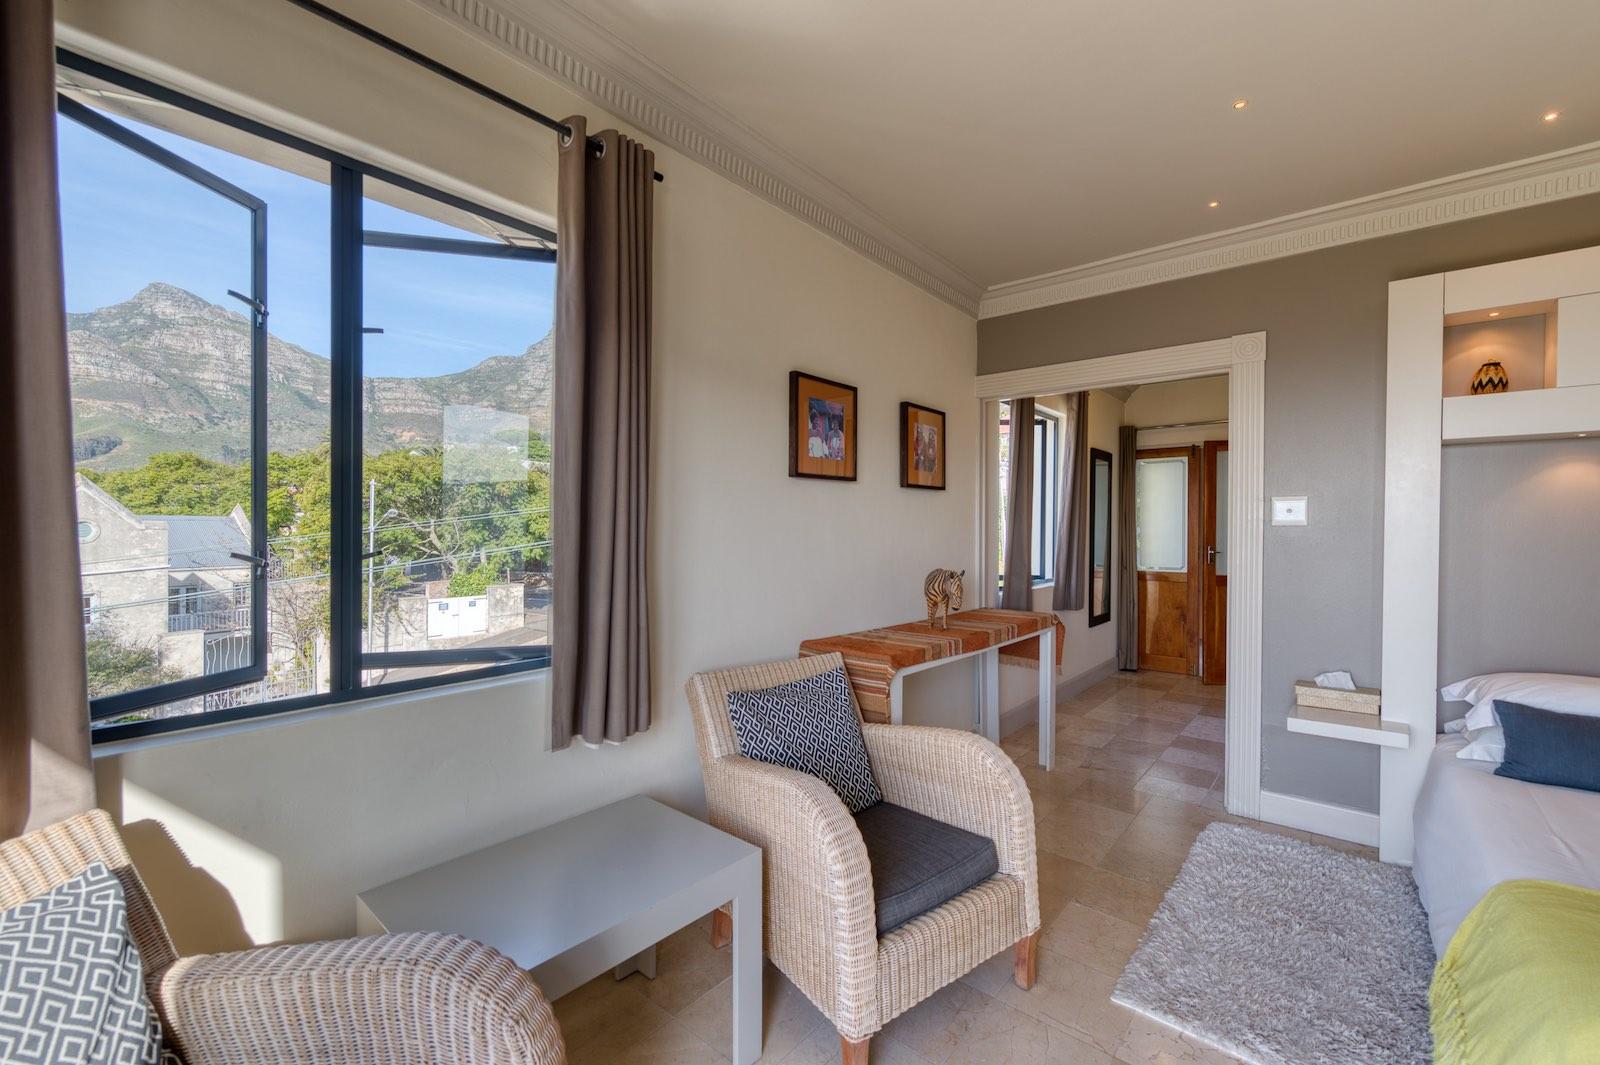 ROOM 7 de Tafelberg 111